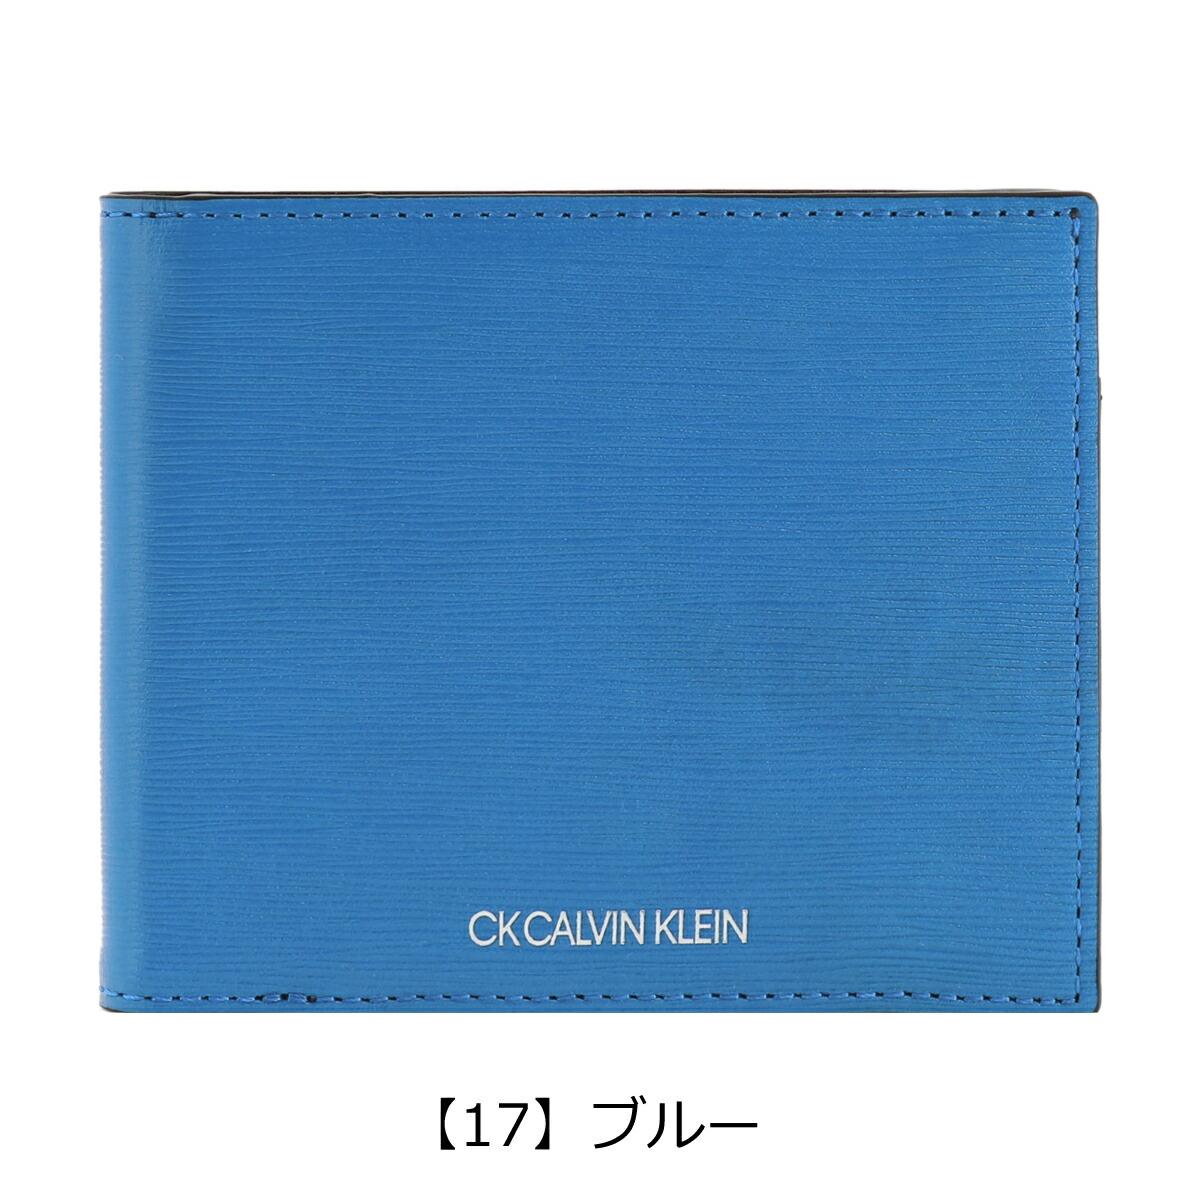 【17】ブルー